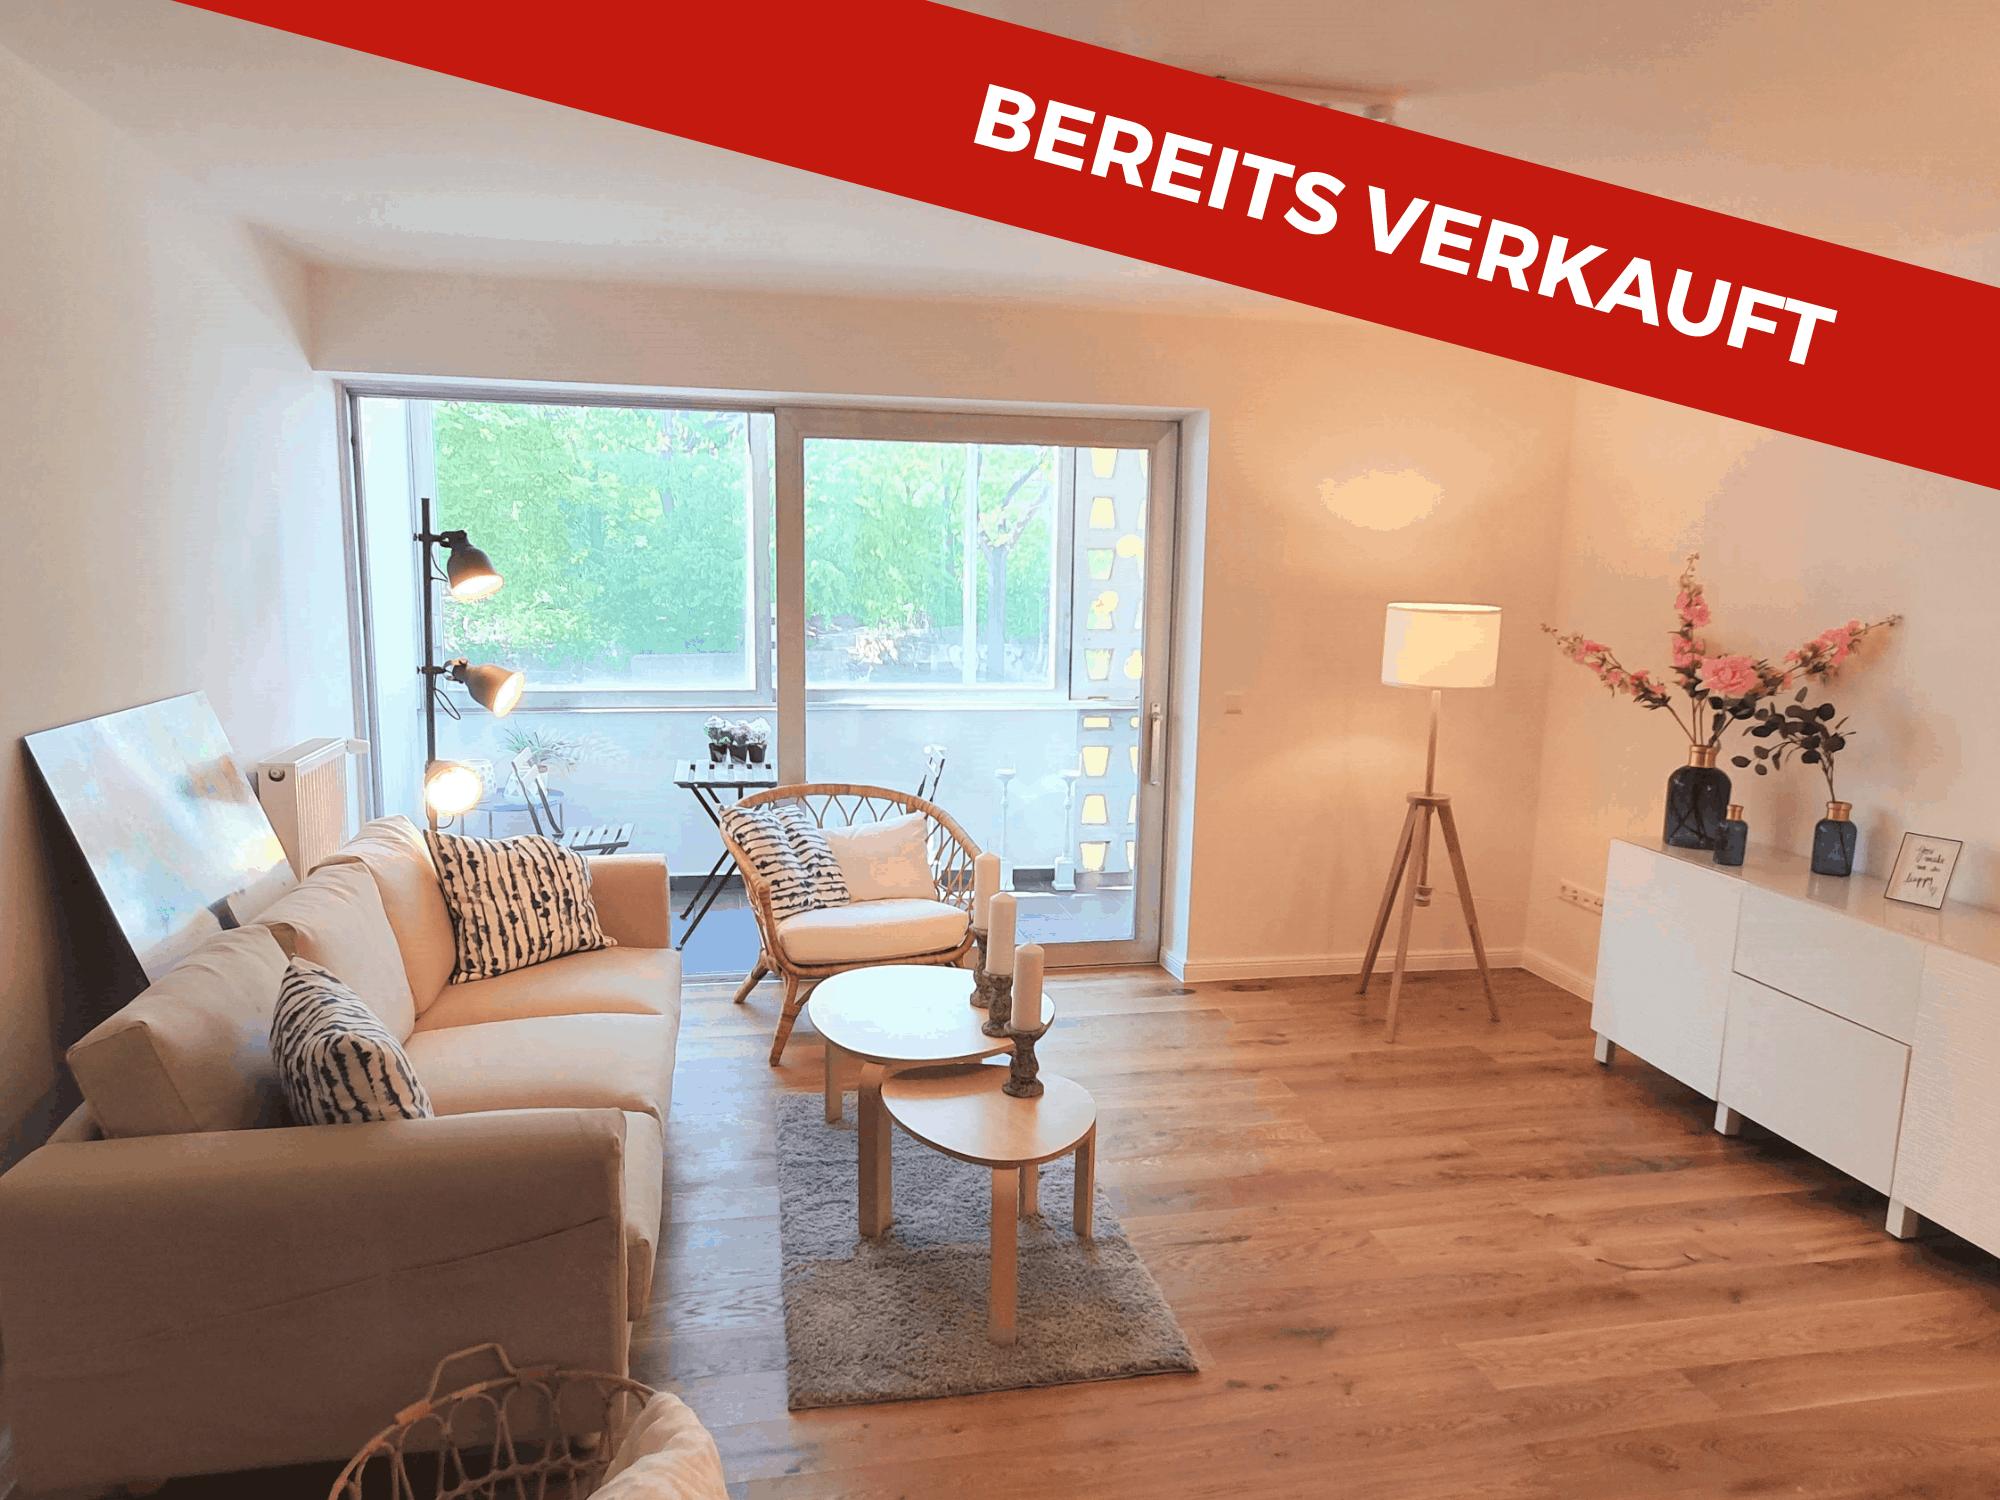 Bereits verkauft: Eigentumswohnung Hamburg Eppendorf